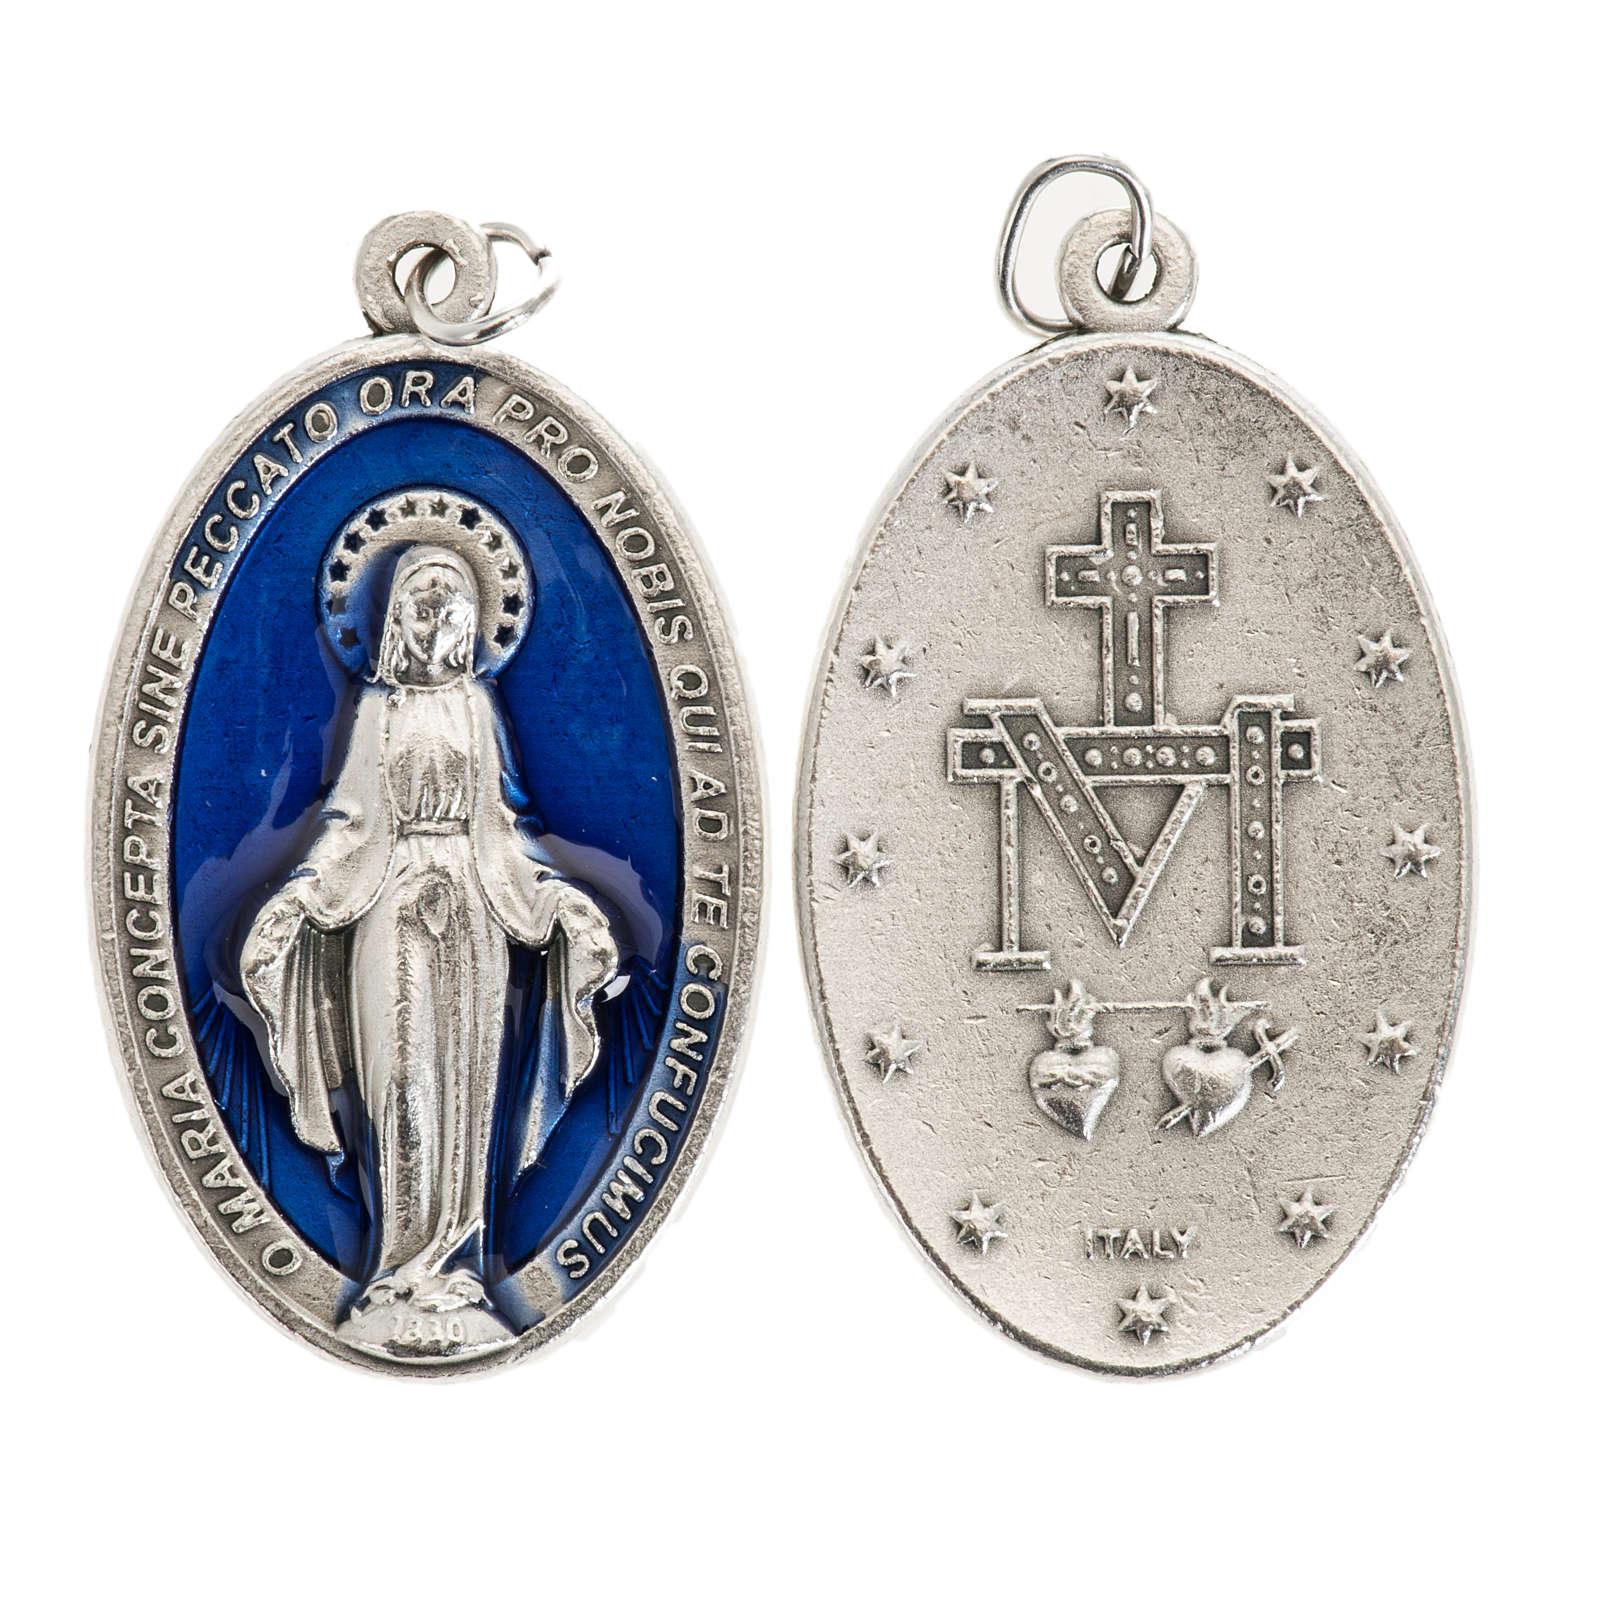 Medaglia Miracolosa ovale metallo argentato smalto blu h 4 cm 4